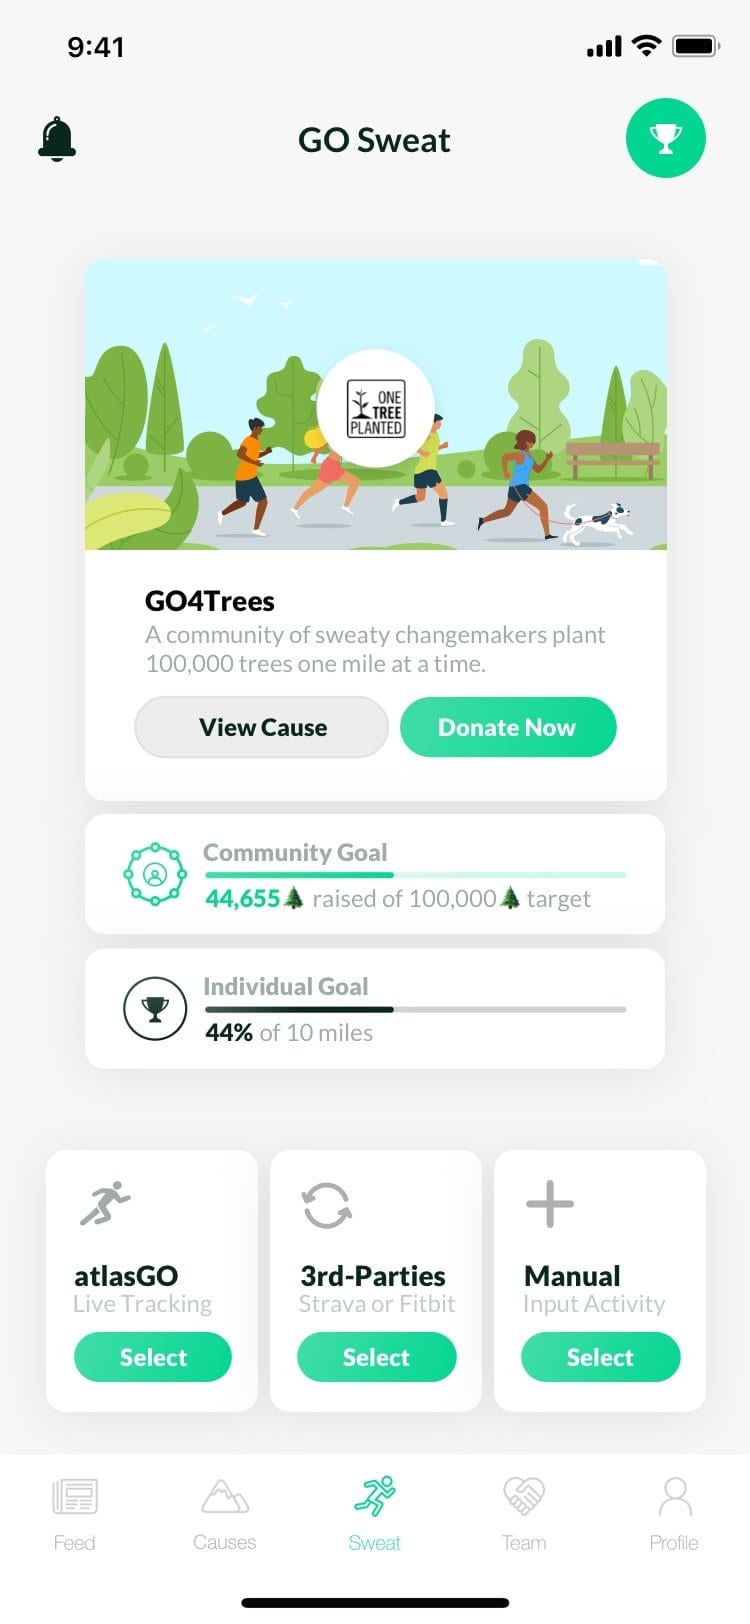 GO4Trees